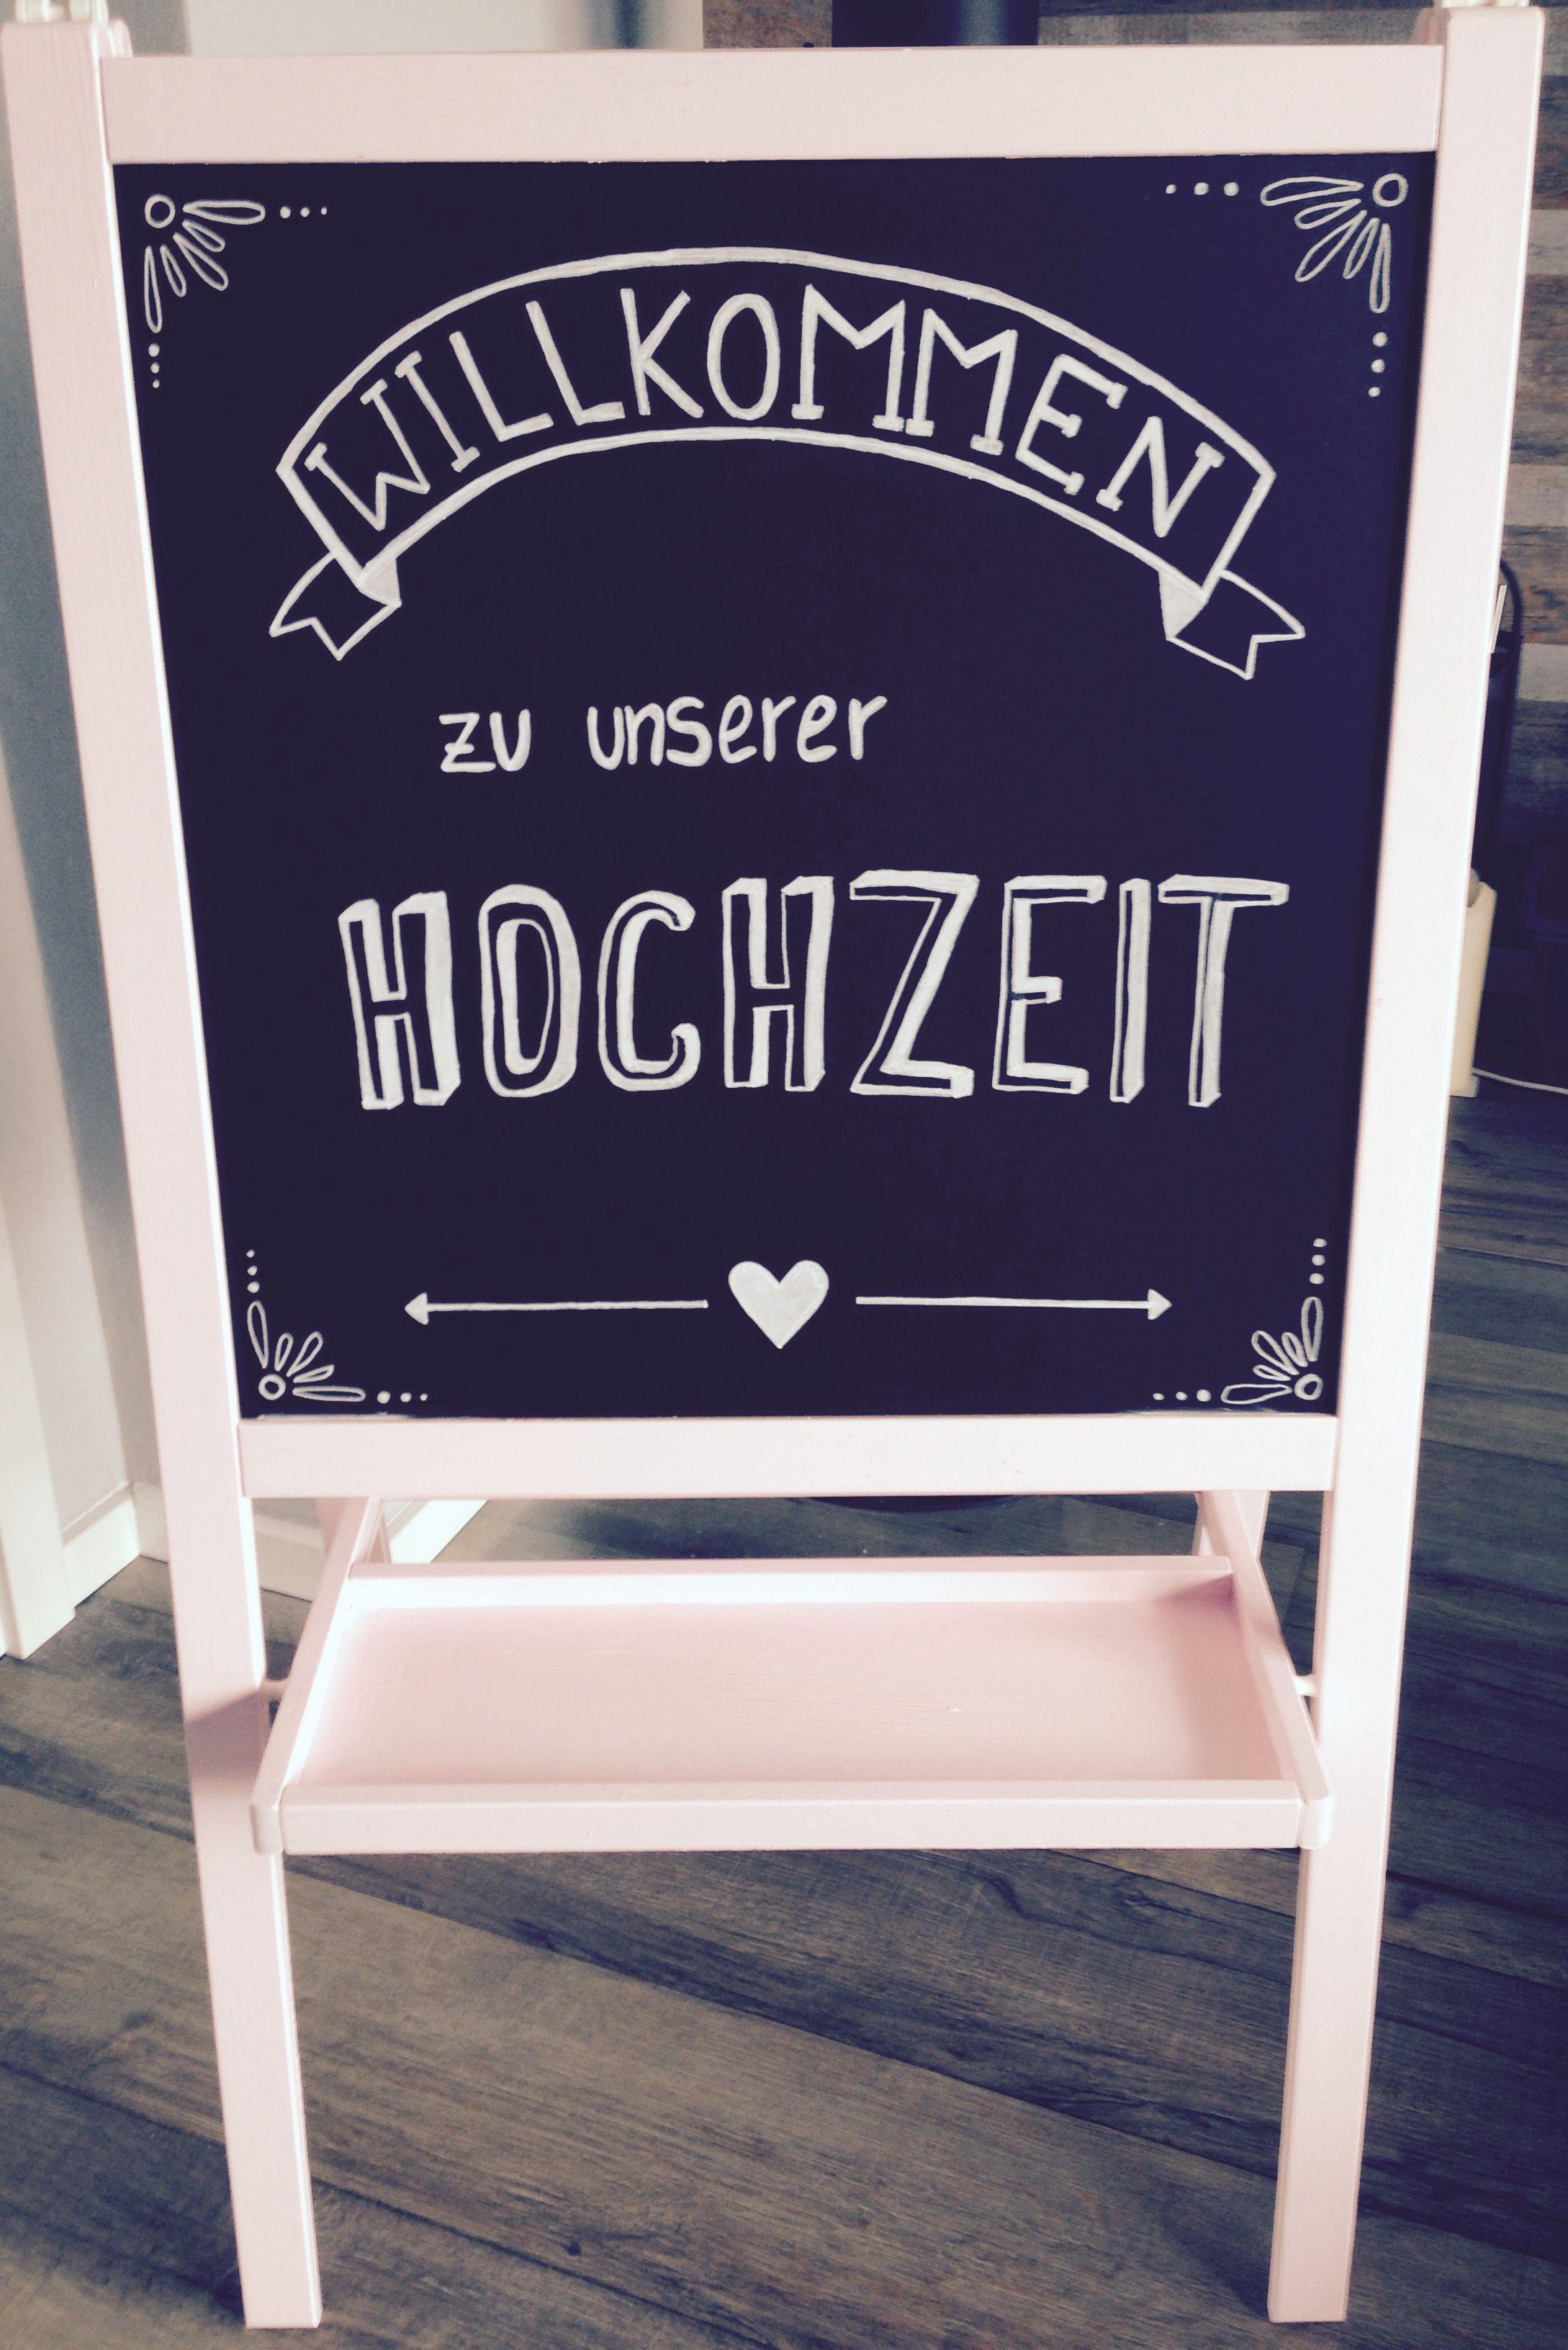 Ikea Tafel Herzlich Willkommen Zu Unserer Hochzeit Diy White In